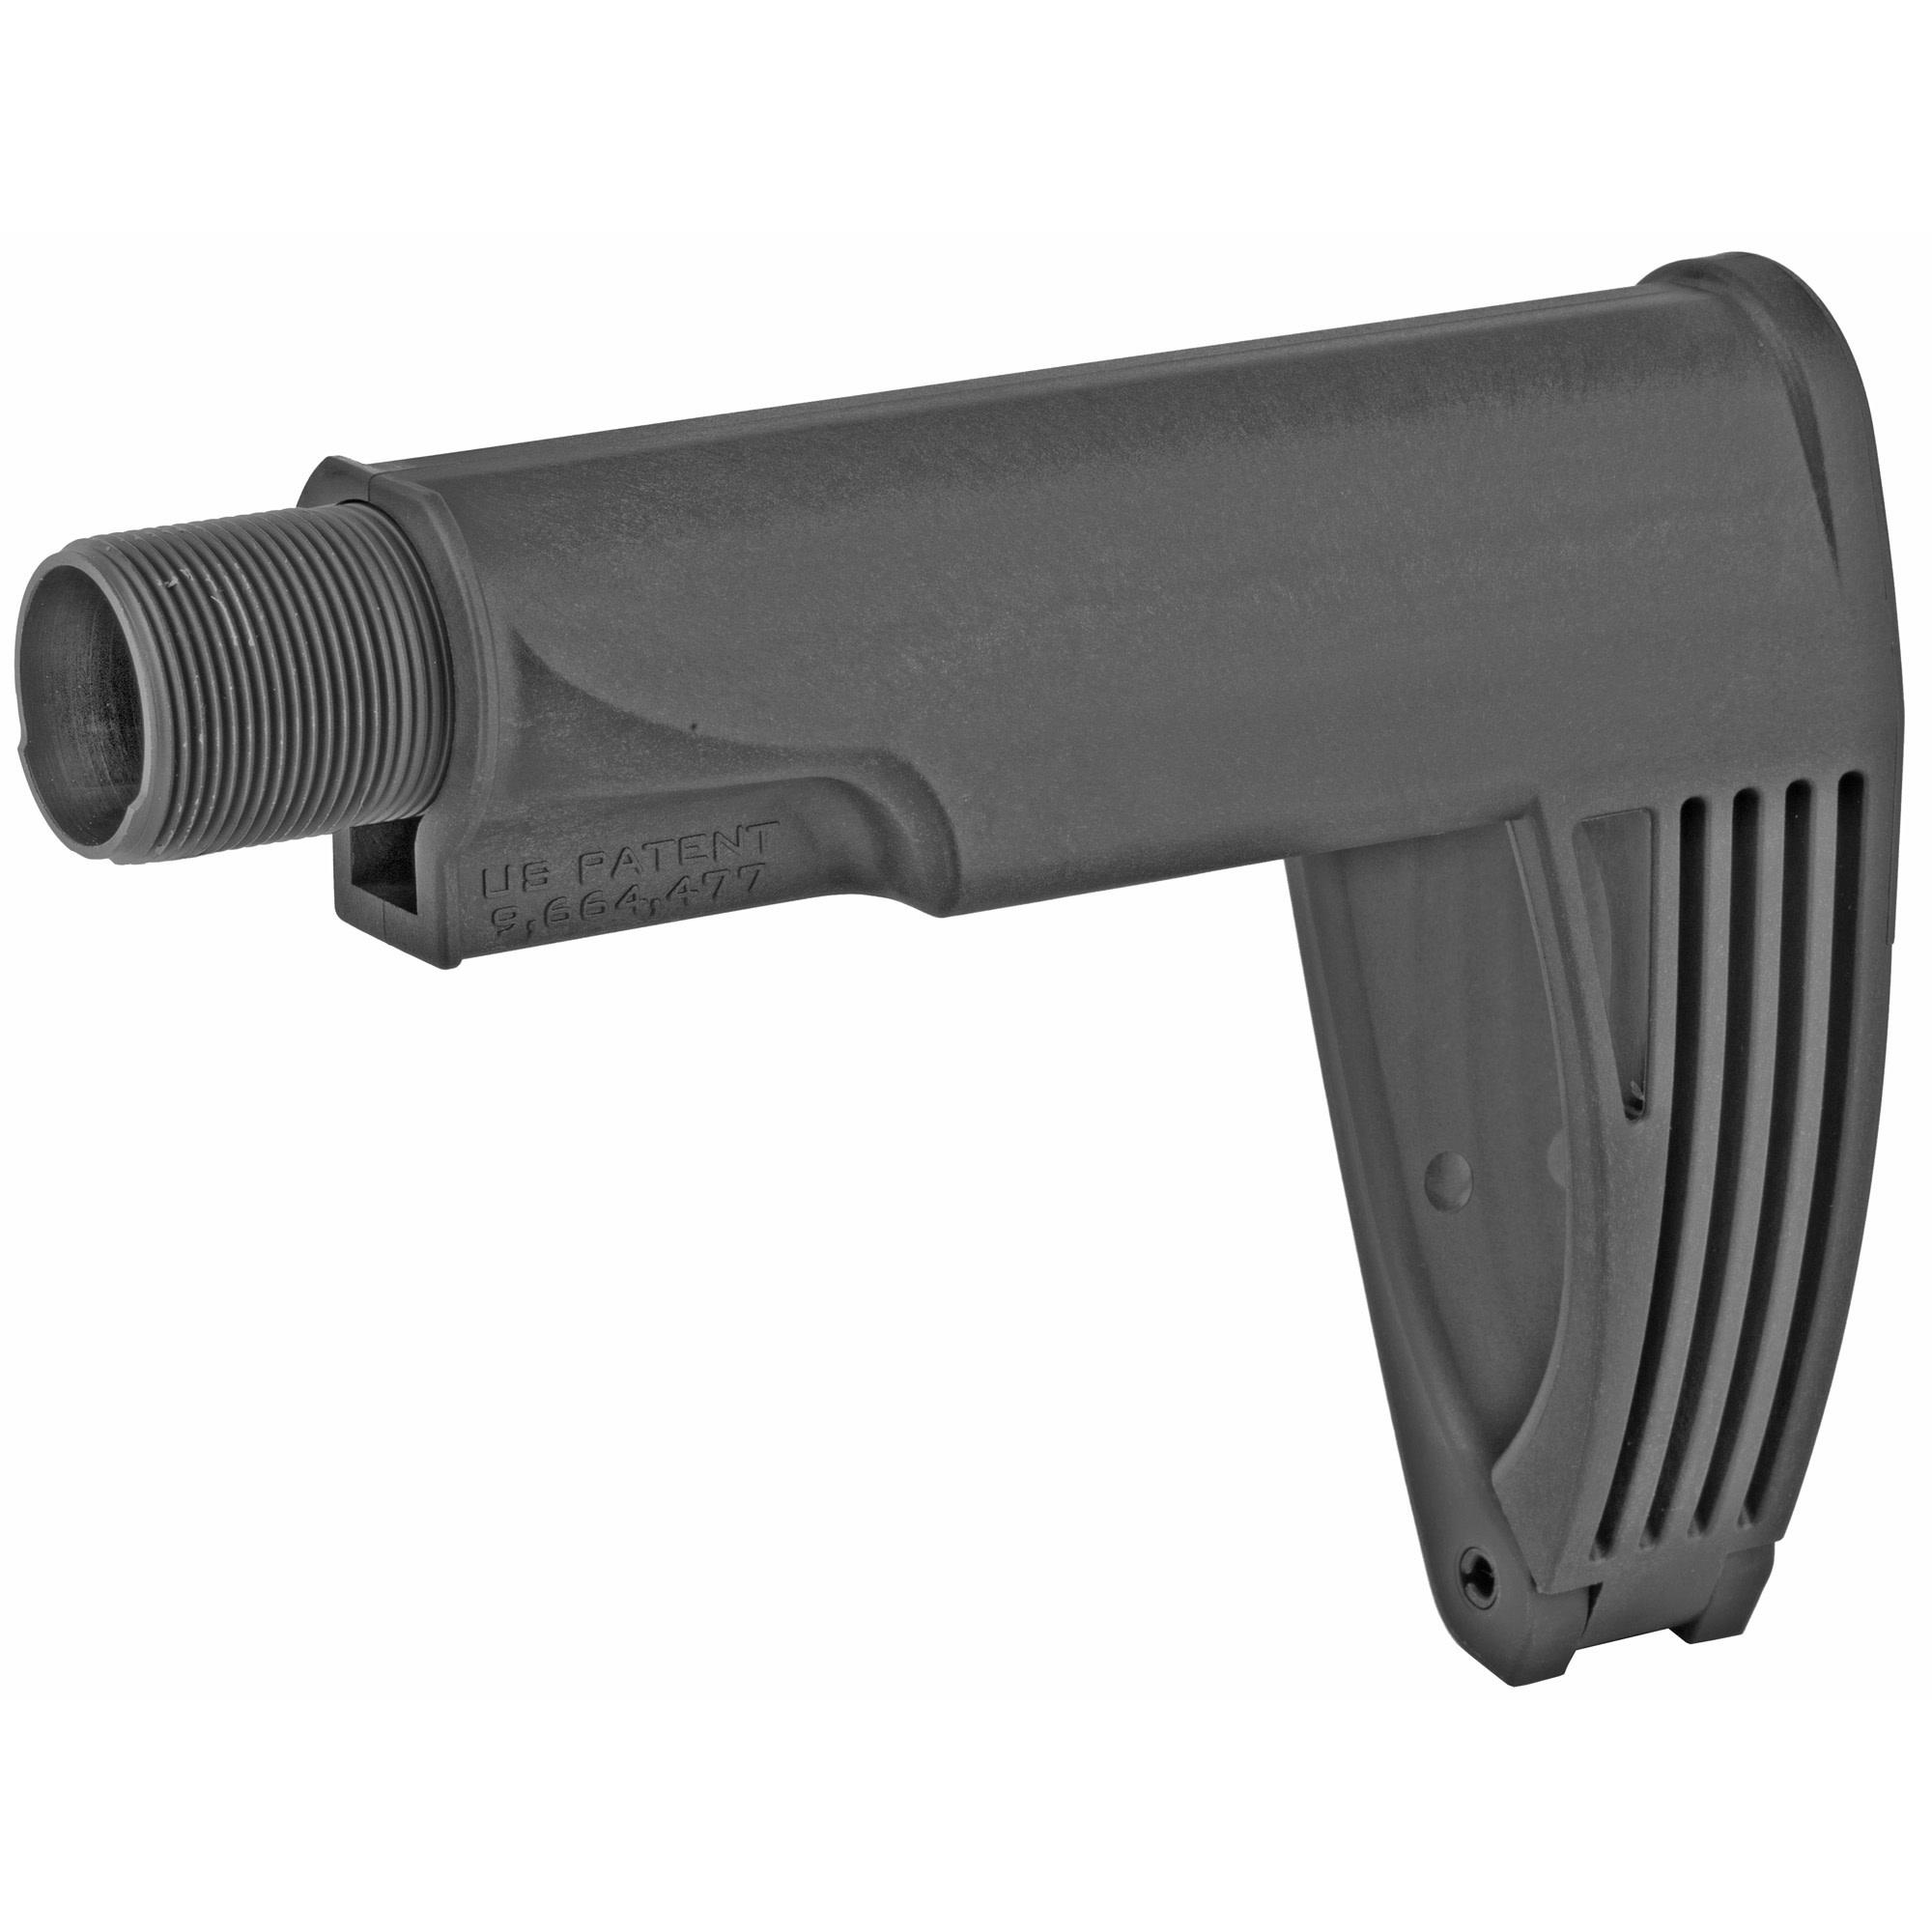 Gear Head Works TH2 Tail Hook MOD 2, Black, pistol brace